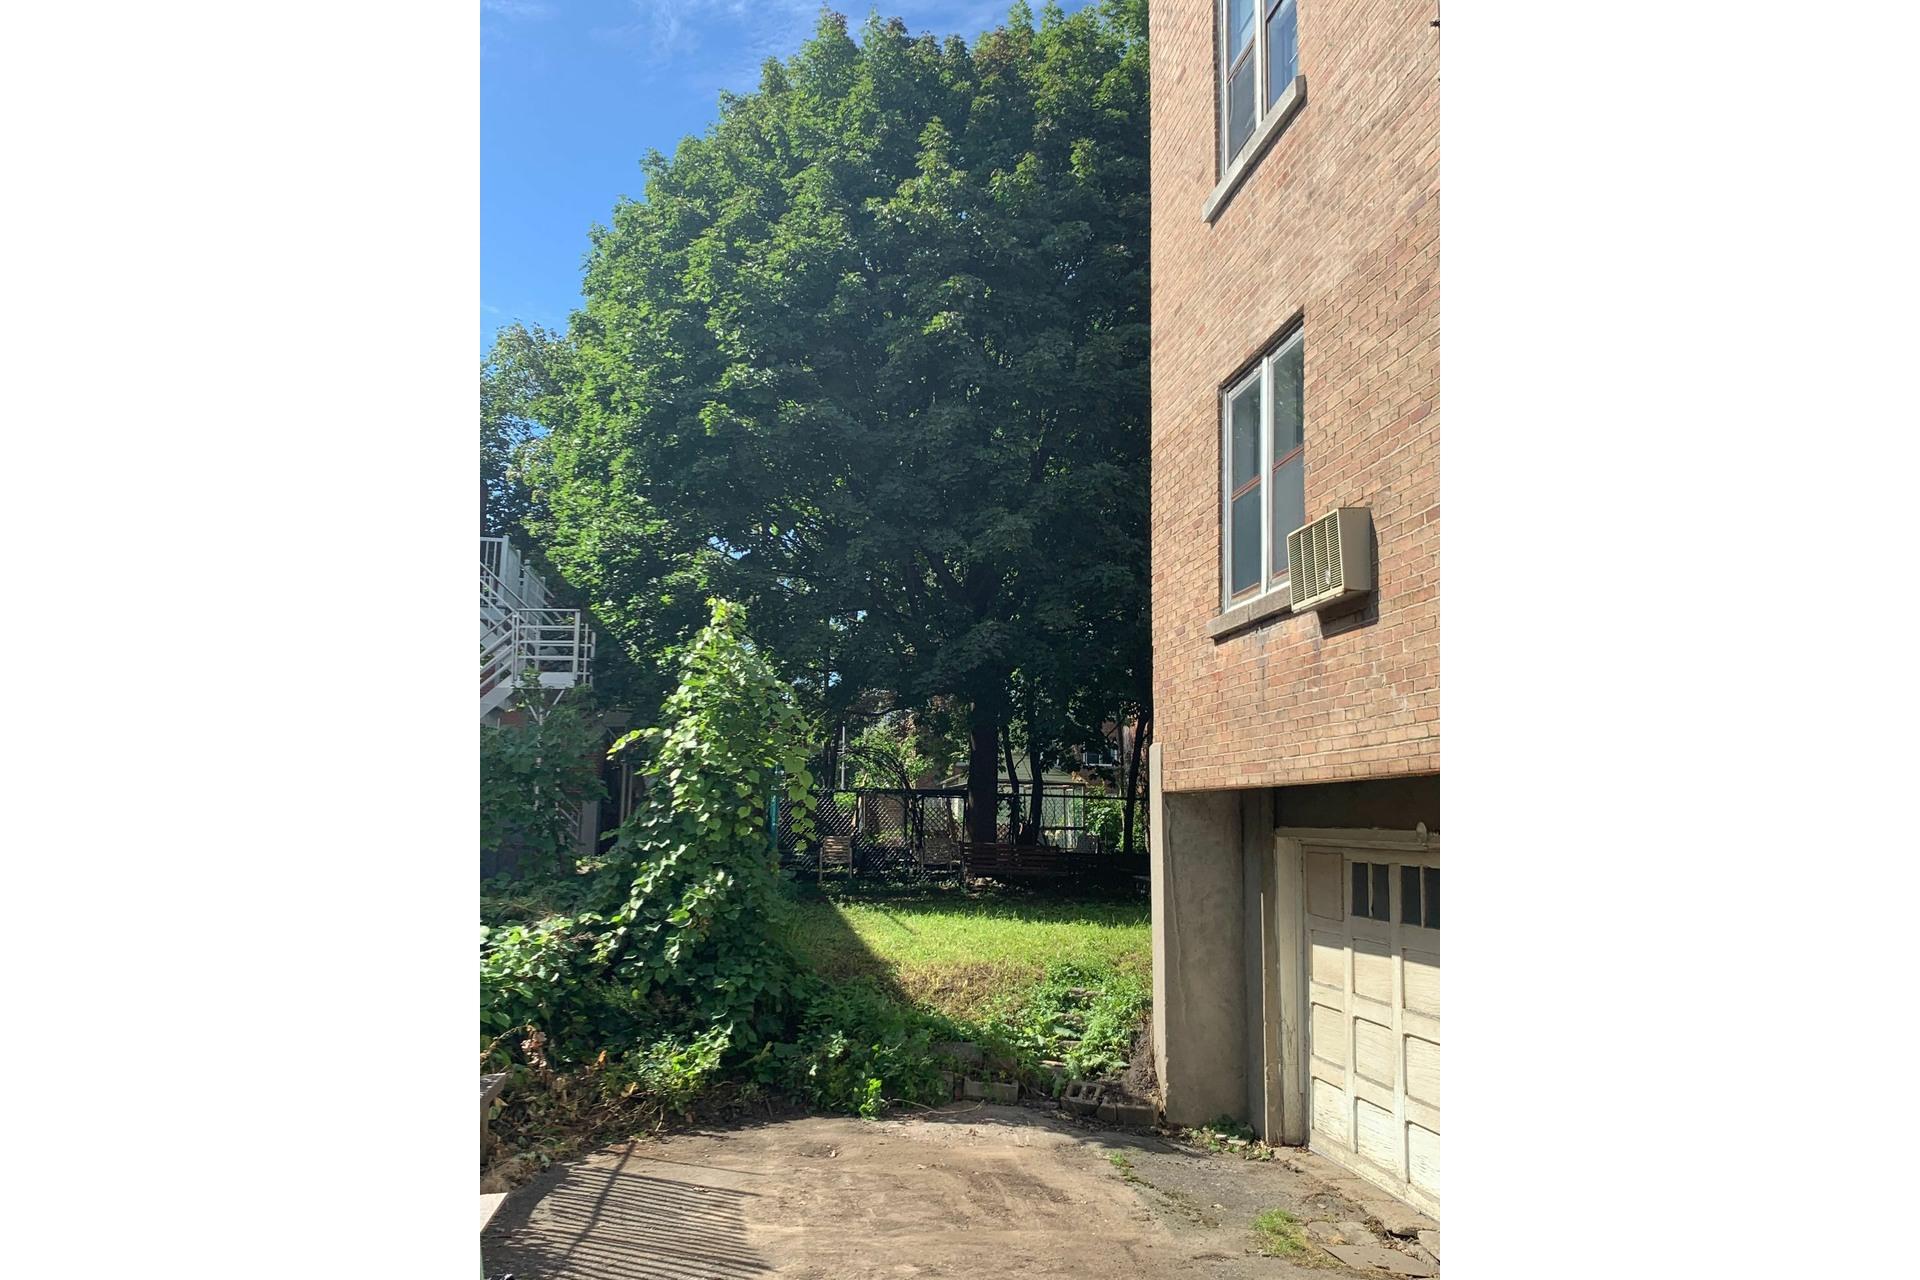 image 6 - Duplex À vendre Côte-des-Neiges/Notre-Dame-de-Grâce Montréal  - 5 pièces